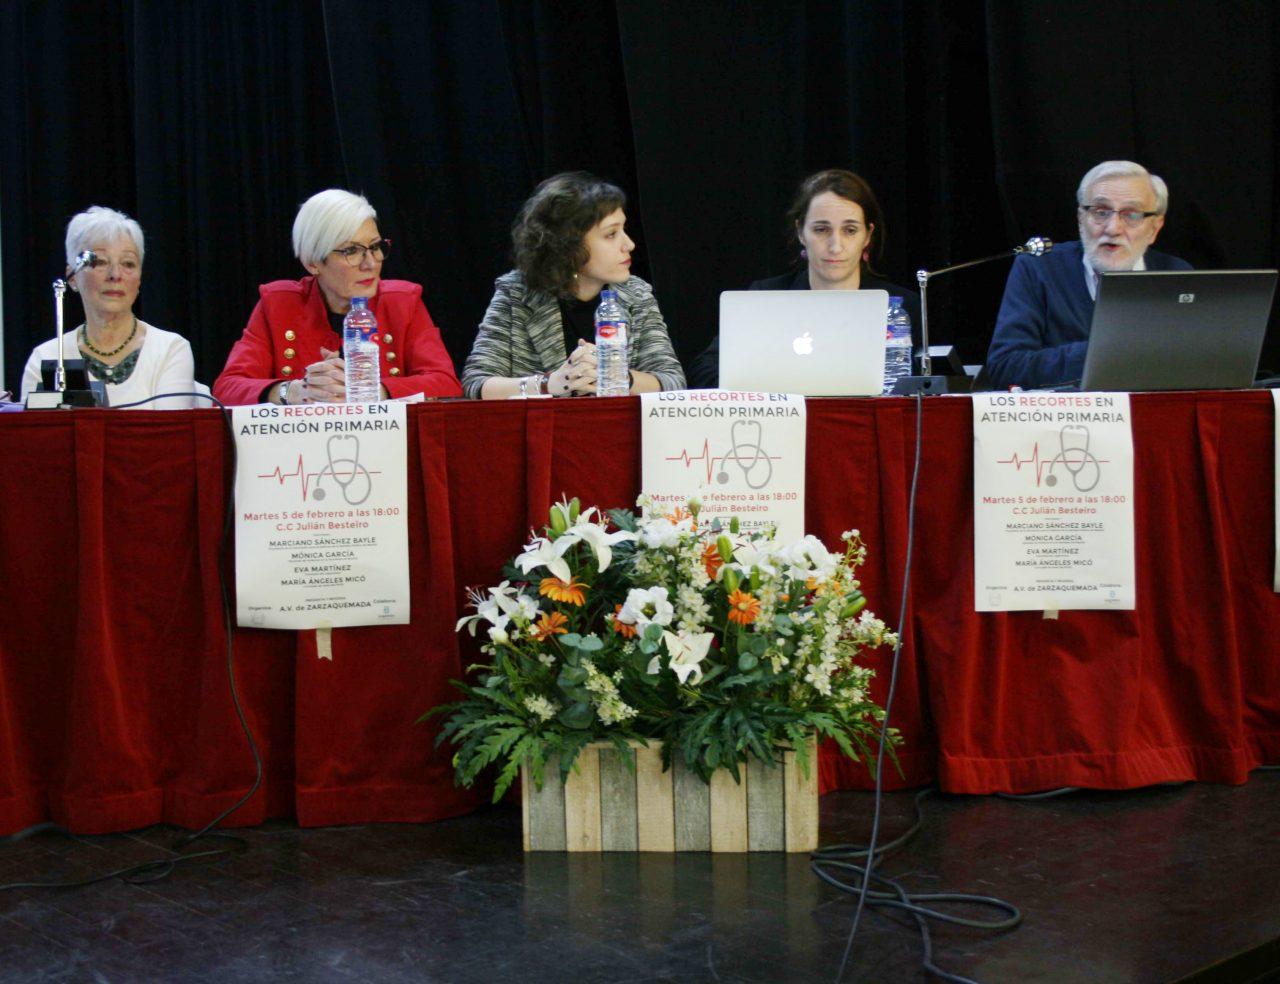 Charla Leganés sobre recorte horario en Atención Primaria